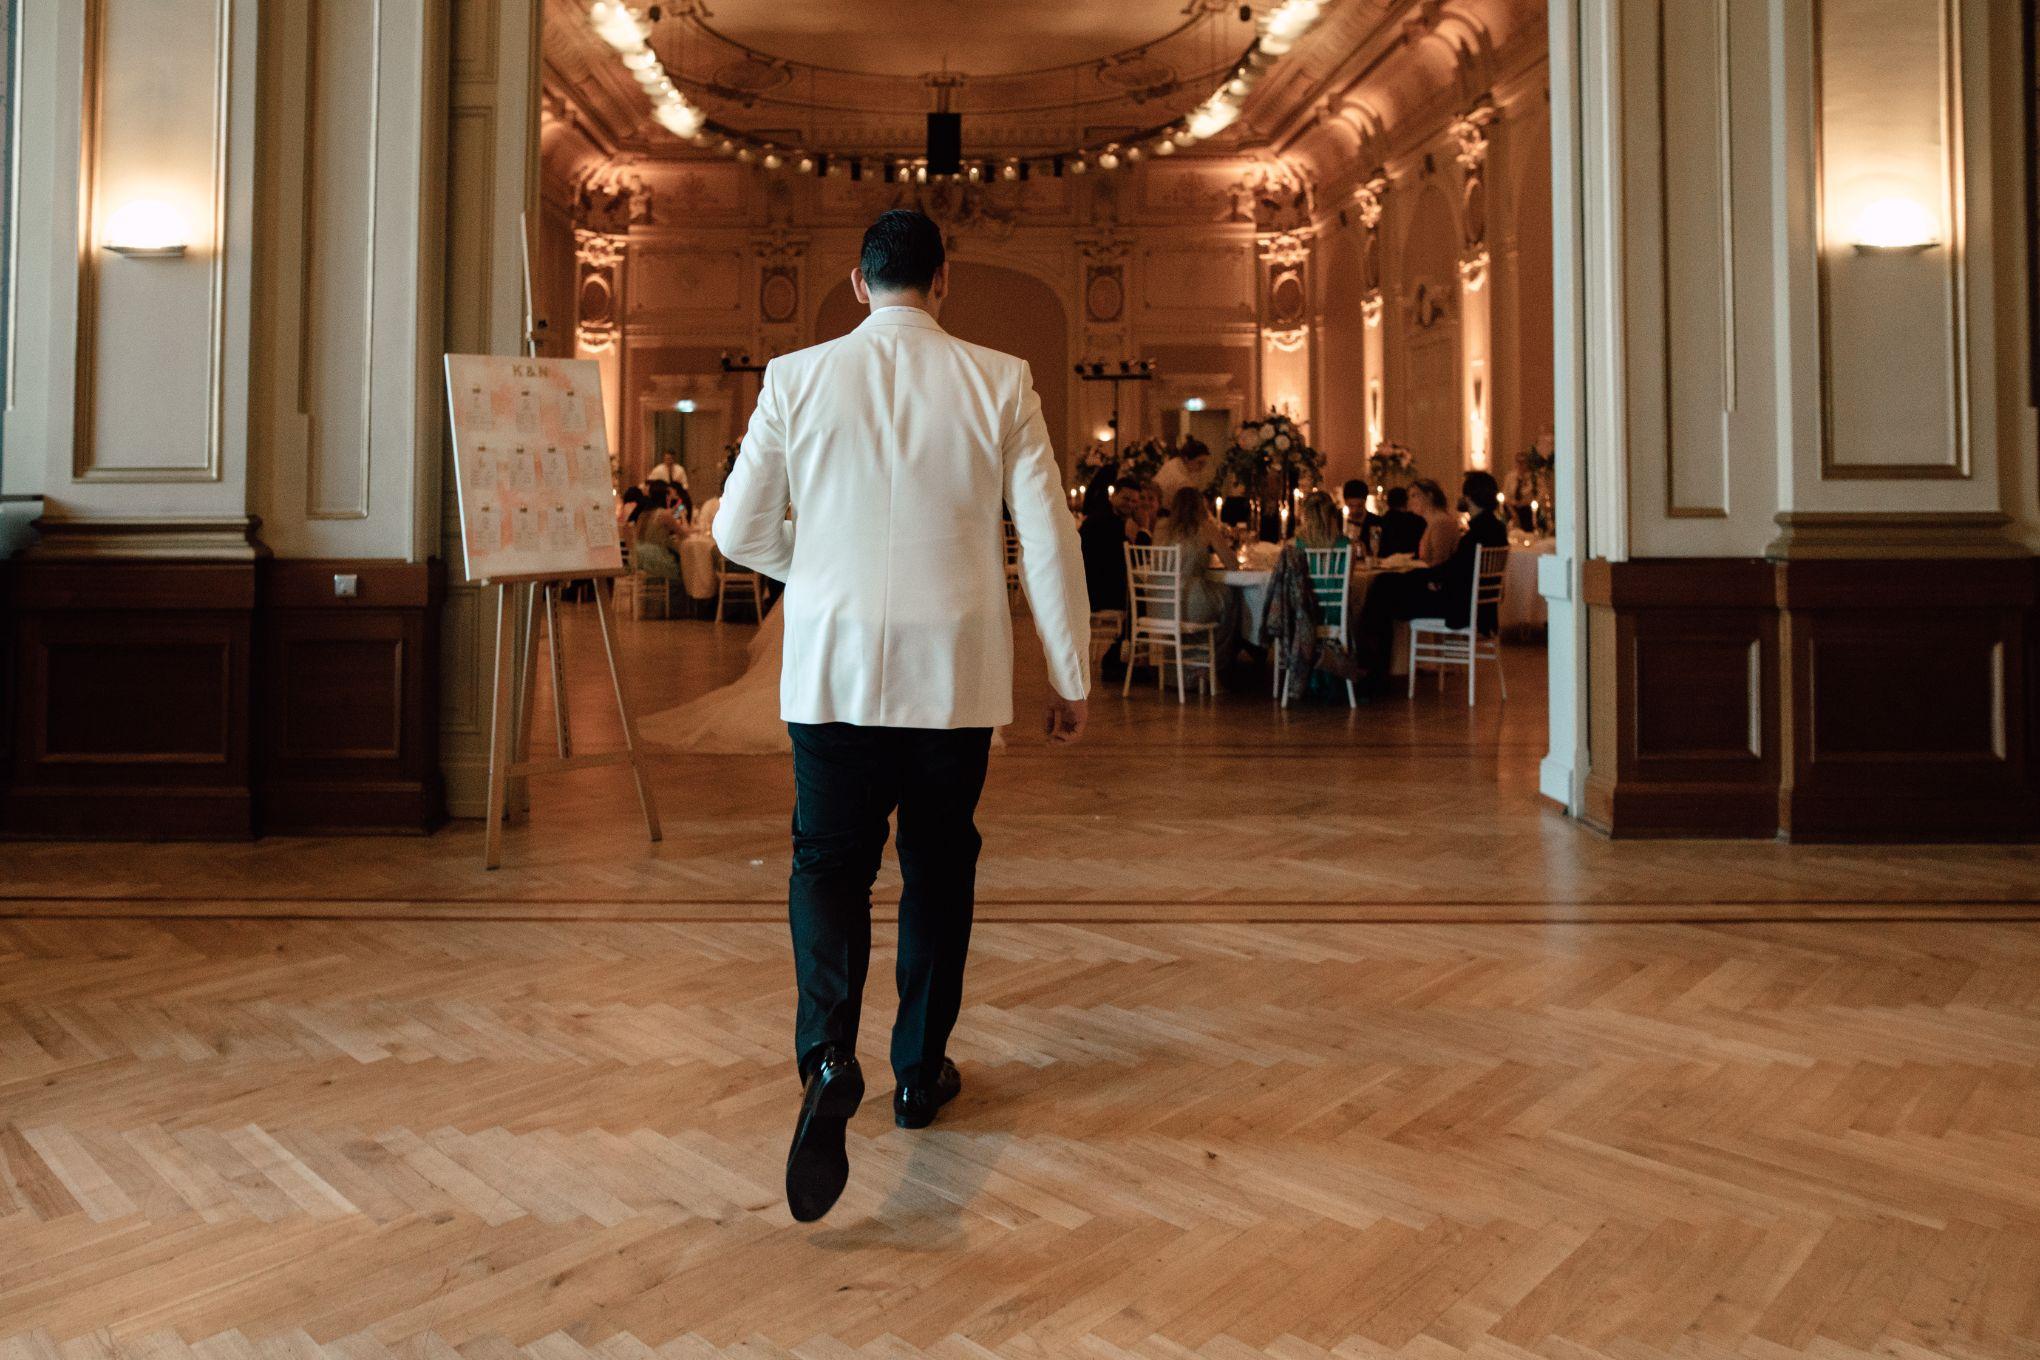 Historische-Stadthalle-Wuppertal-Hochzeit-The-Saums-KN-6-155.jpg